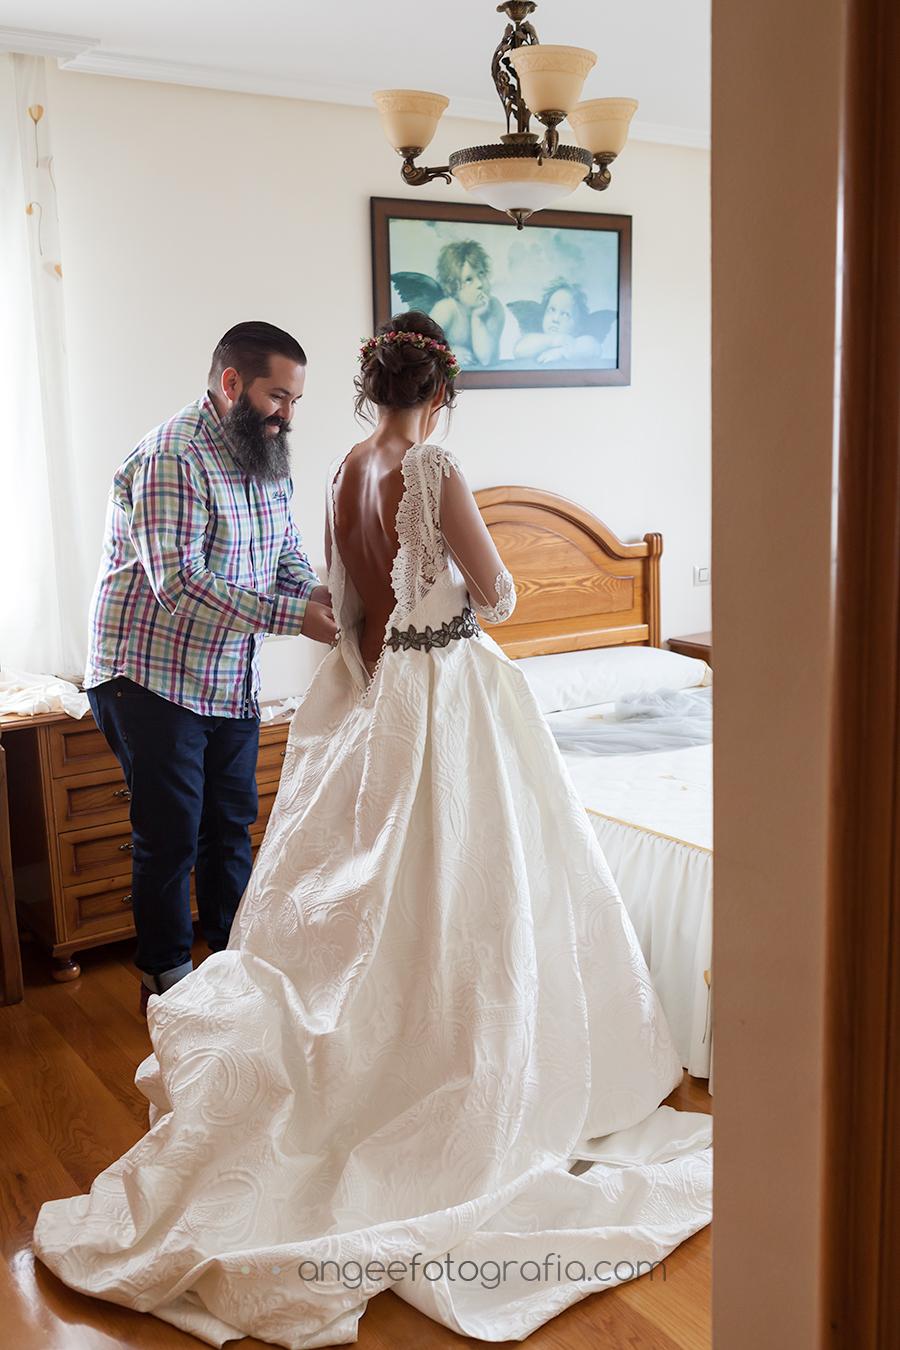 rp-angela-gonzalez-fotografia-boda-de-rocio-y-pablo-en-covandonga-8